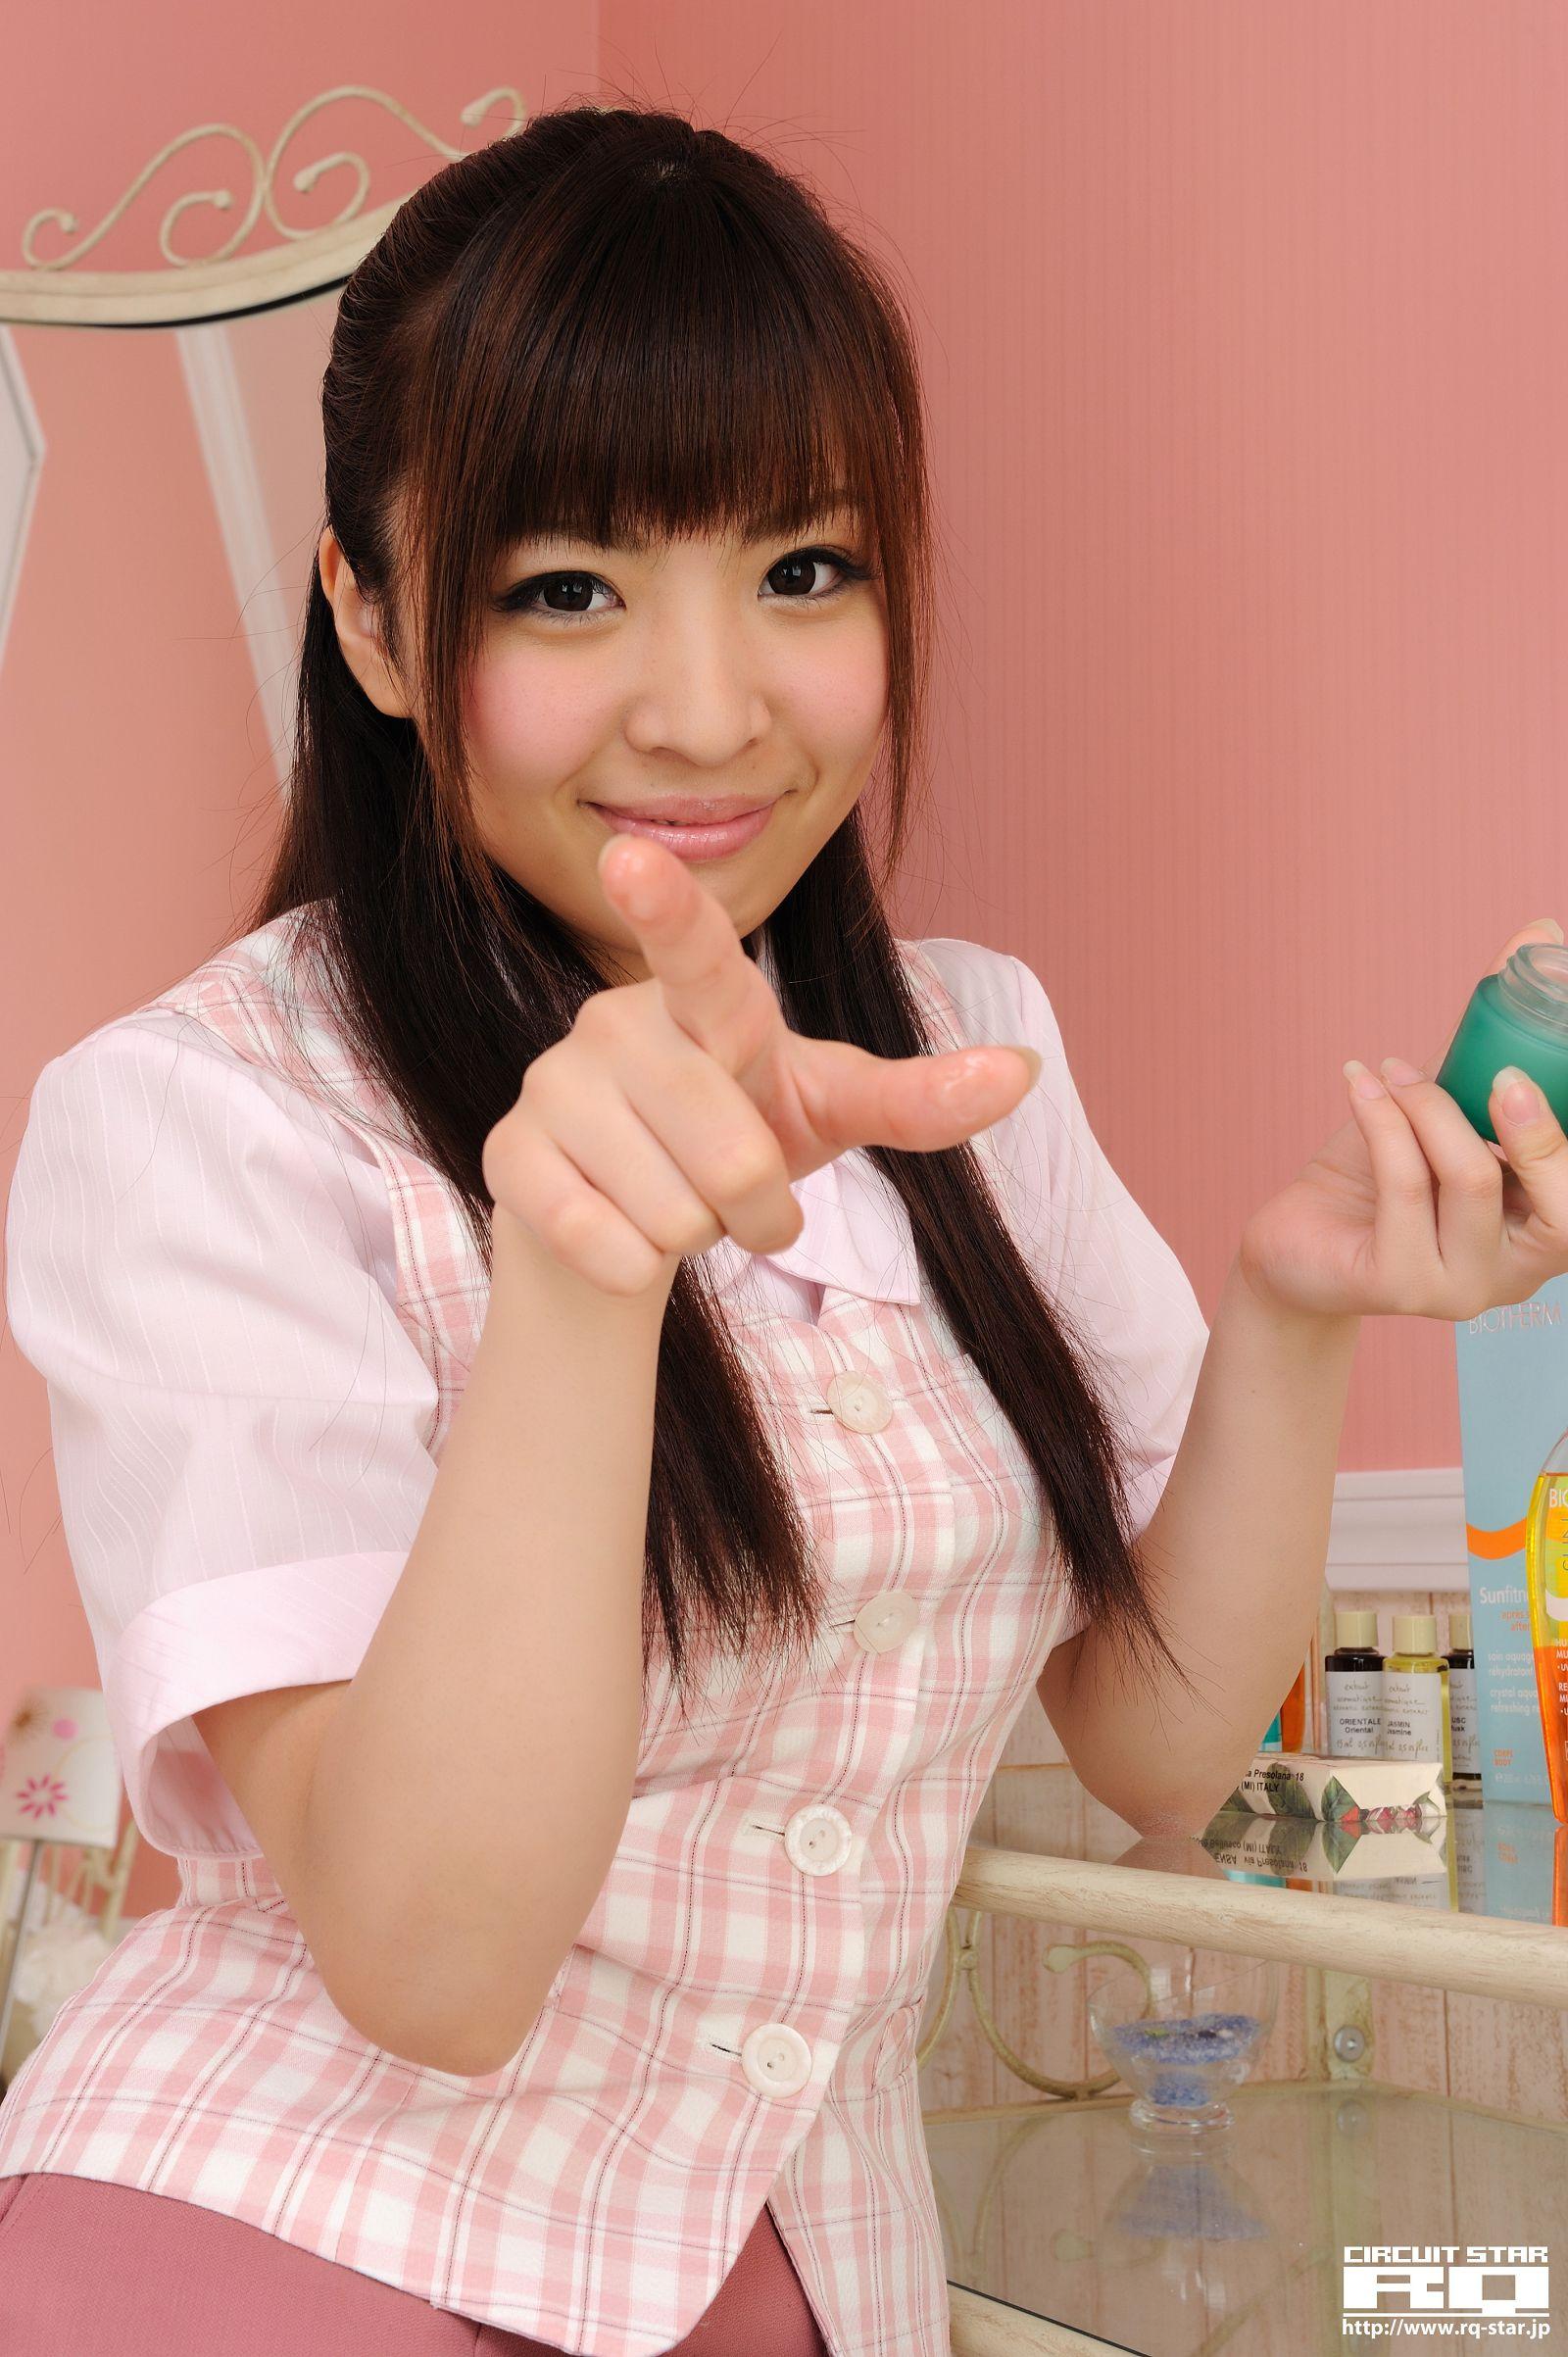 [RQ STAR美女] NO.00519 Mayuka Kuroda 锿蚪Y花 Office Lady[96P] RQ STAR 第3张